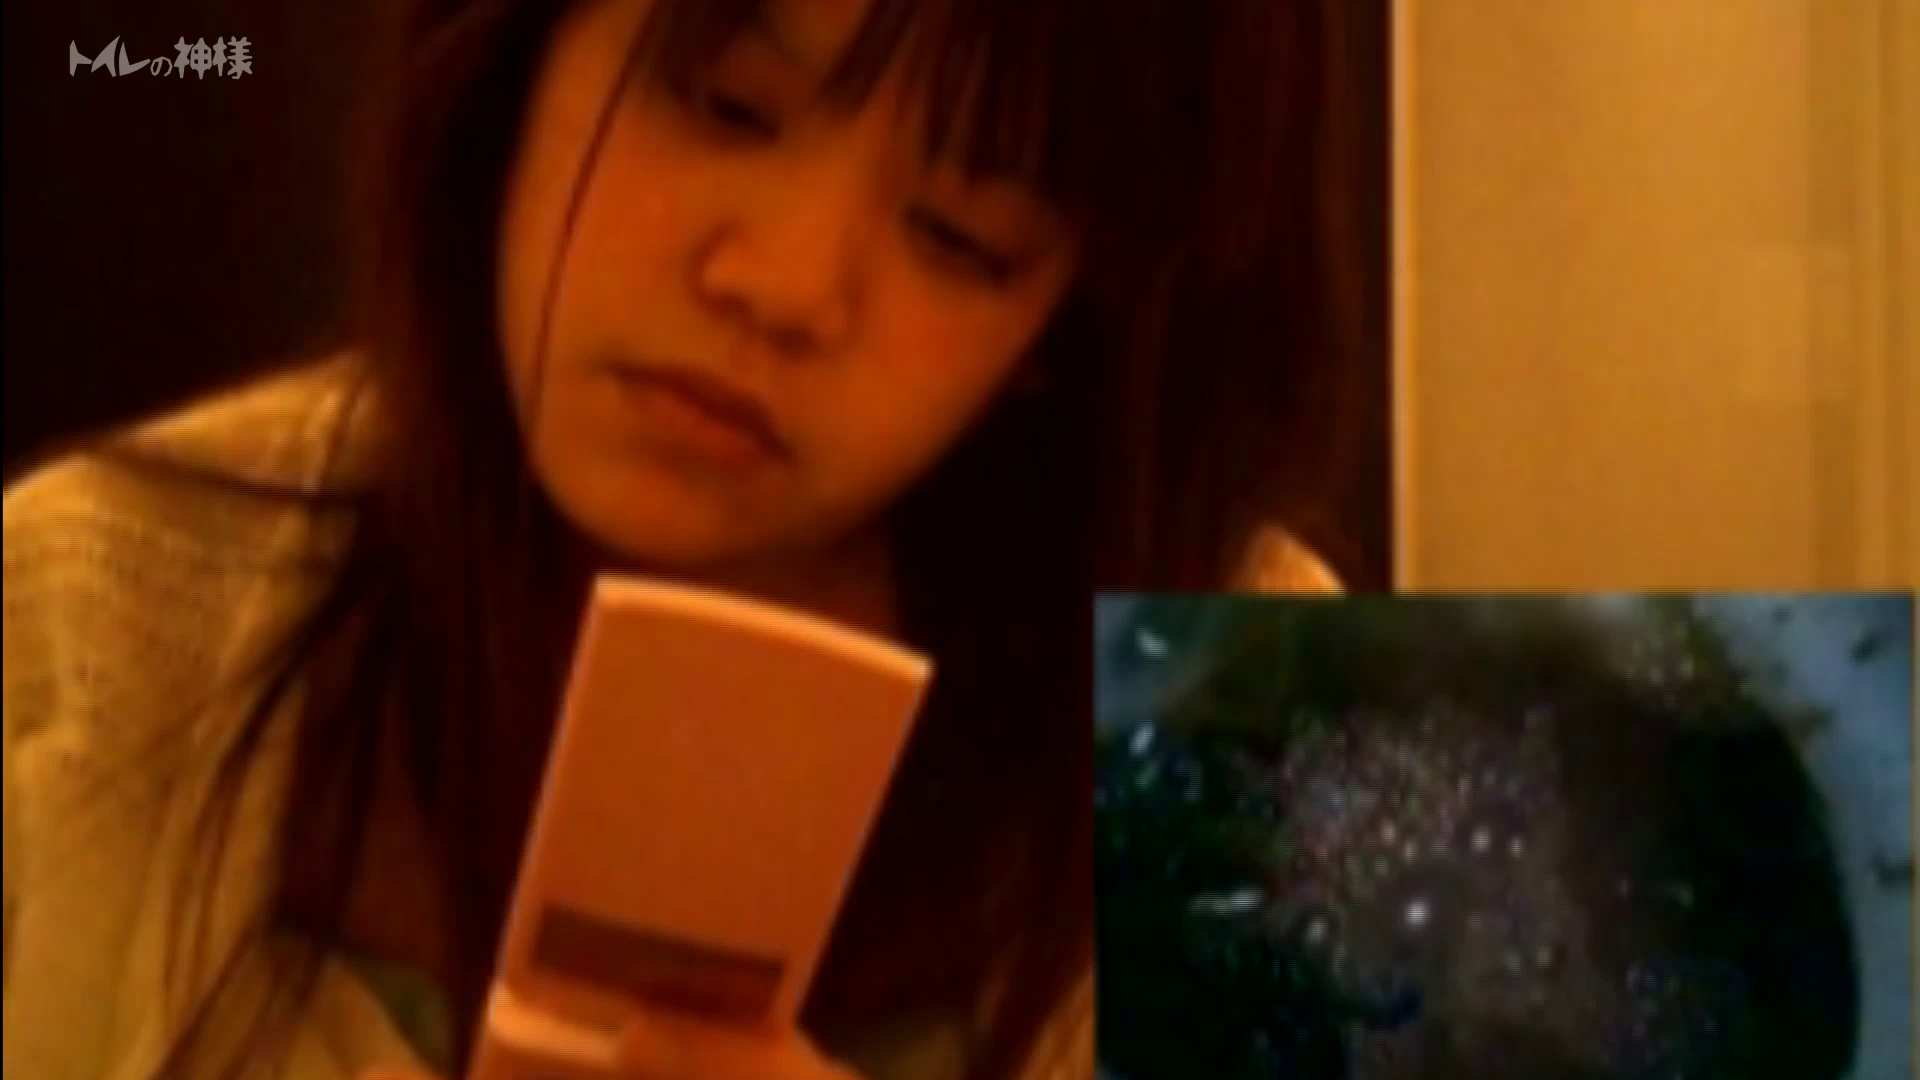 トイレの神様 Vol.03 彼女のうんち隠し撮り ギャル  70PIX 55